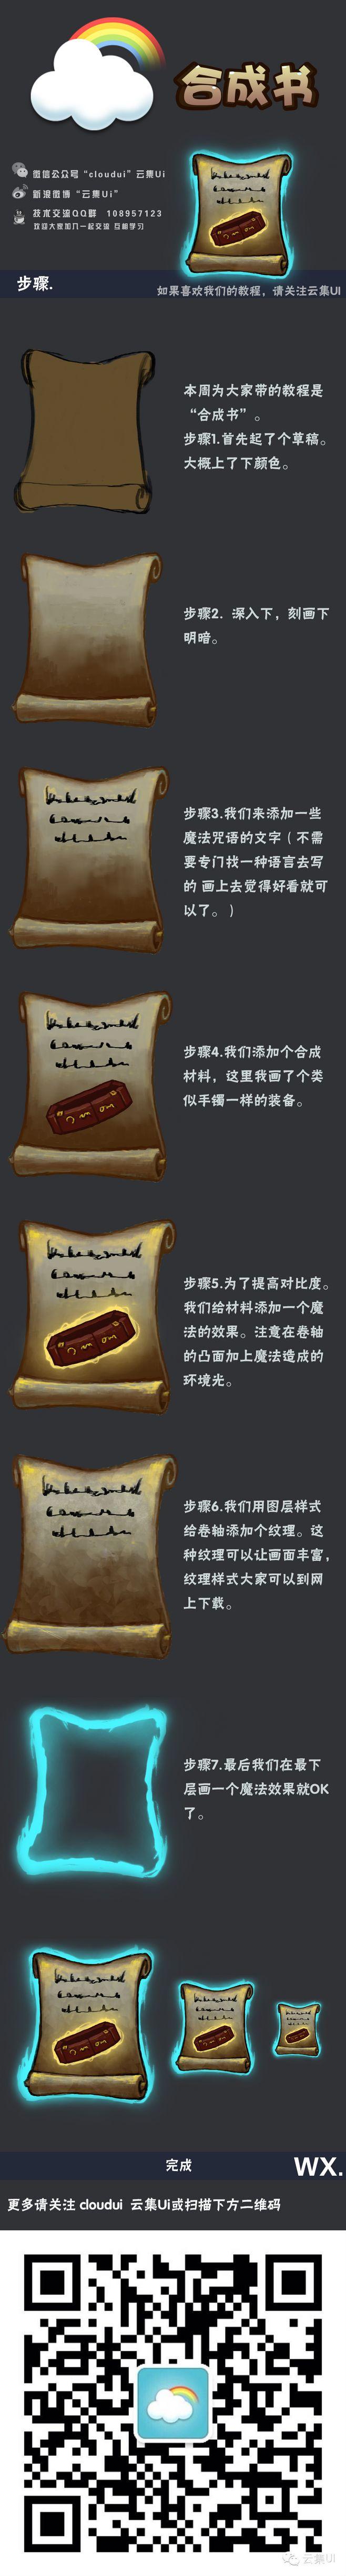 游戏ui教程图标合成书 交流QQ群 10...